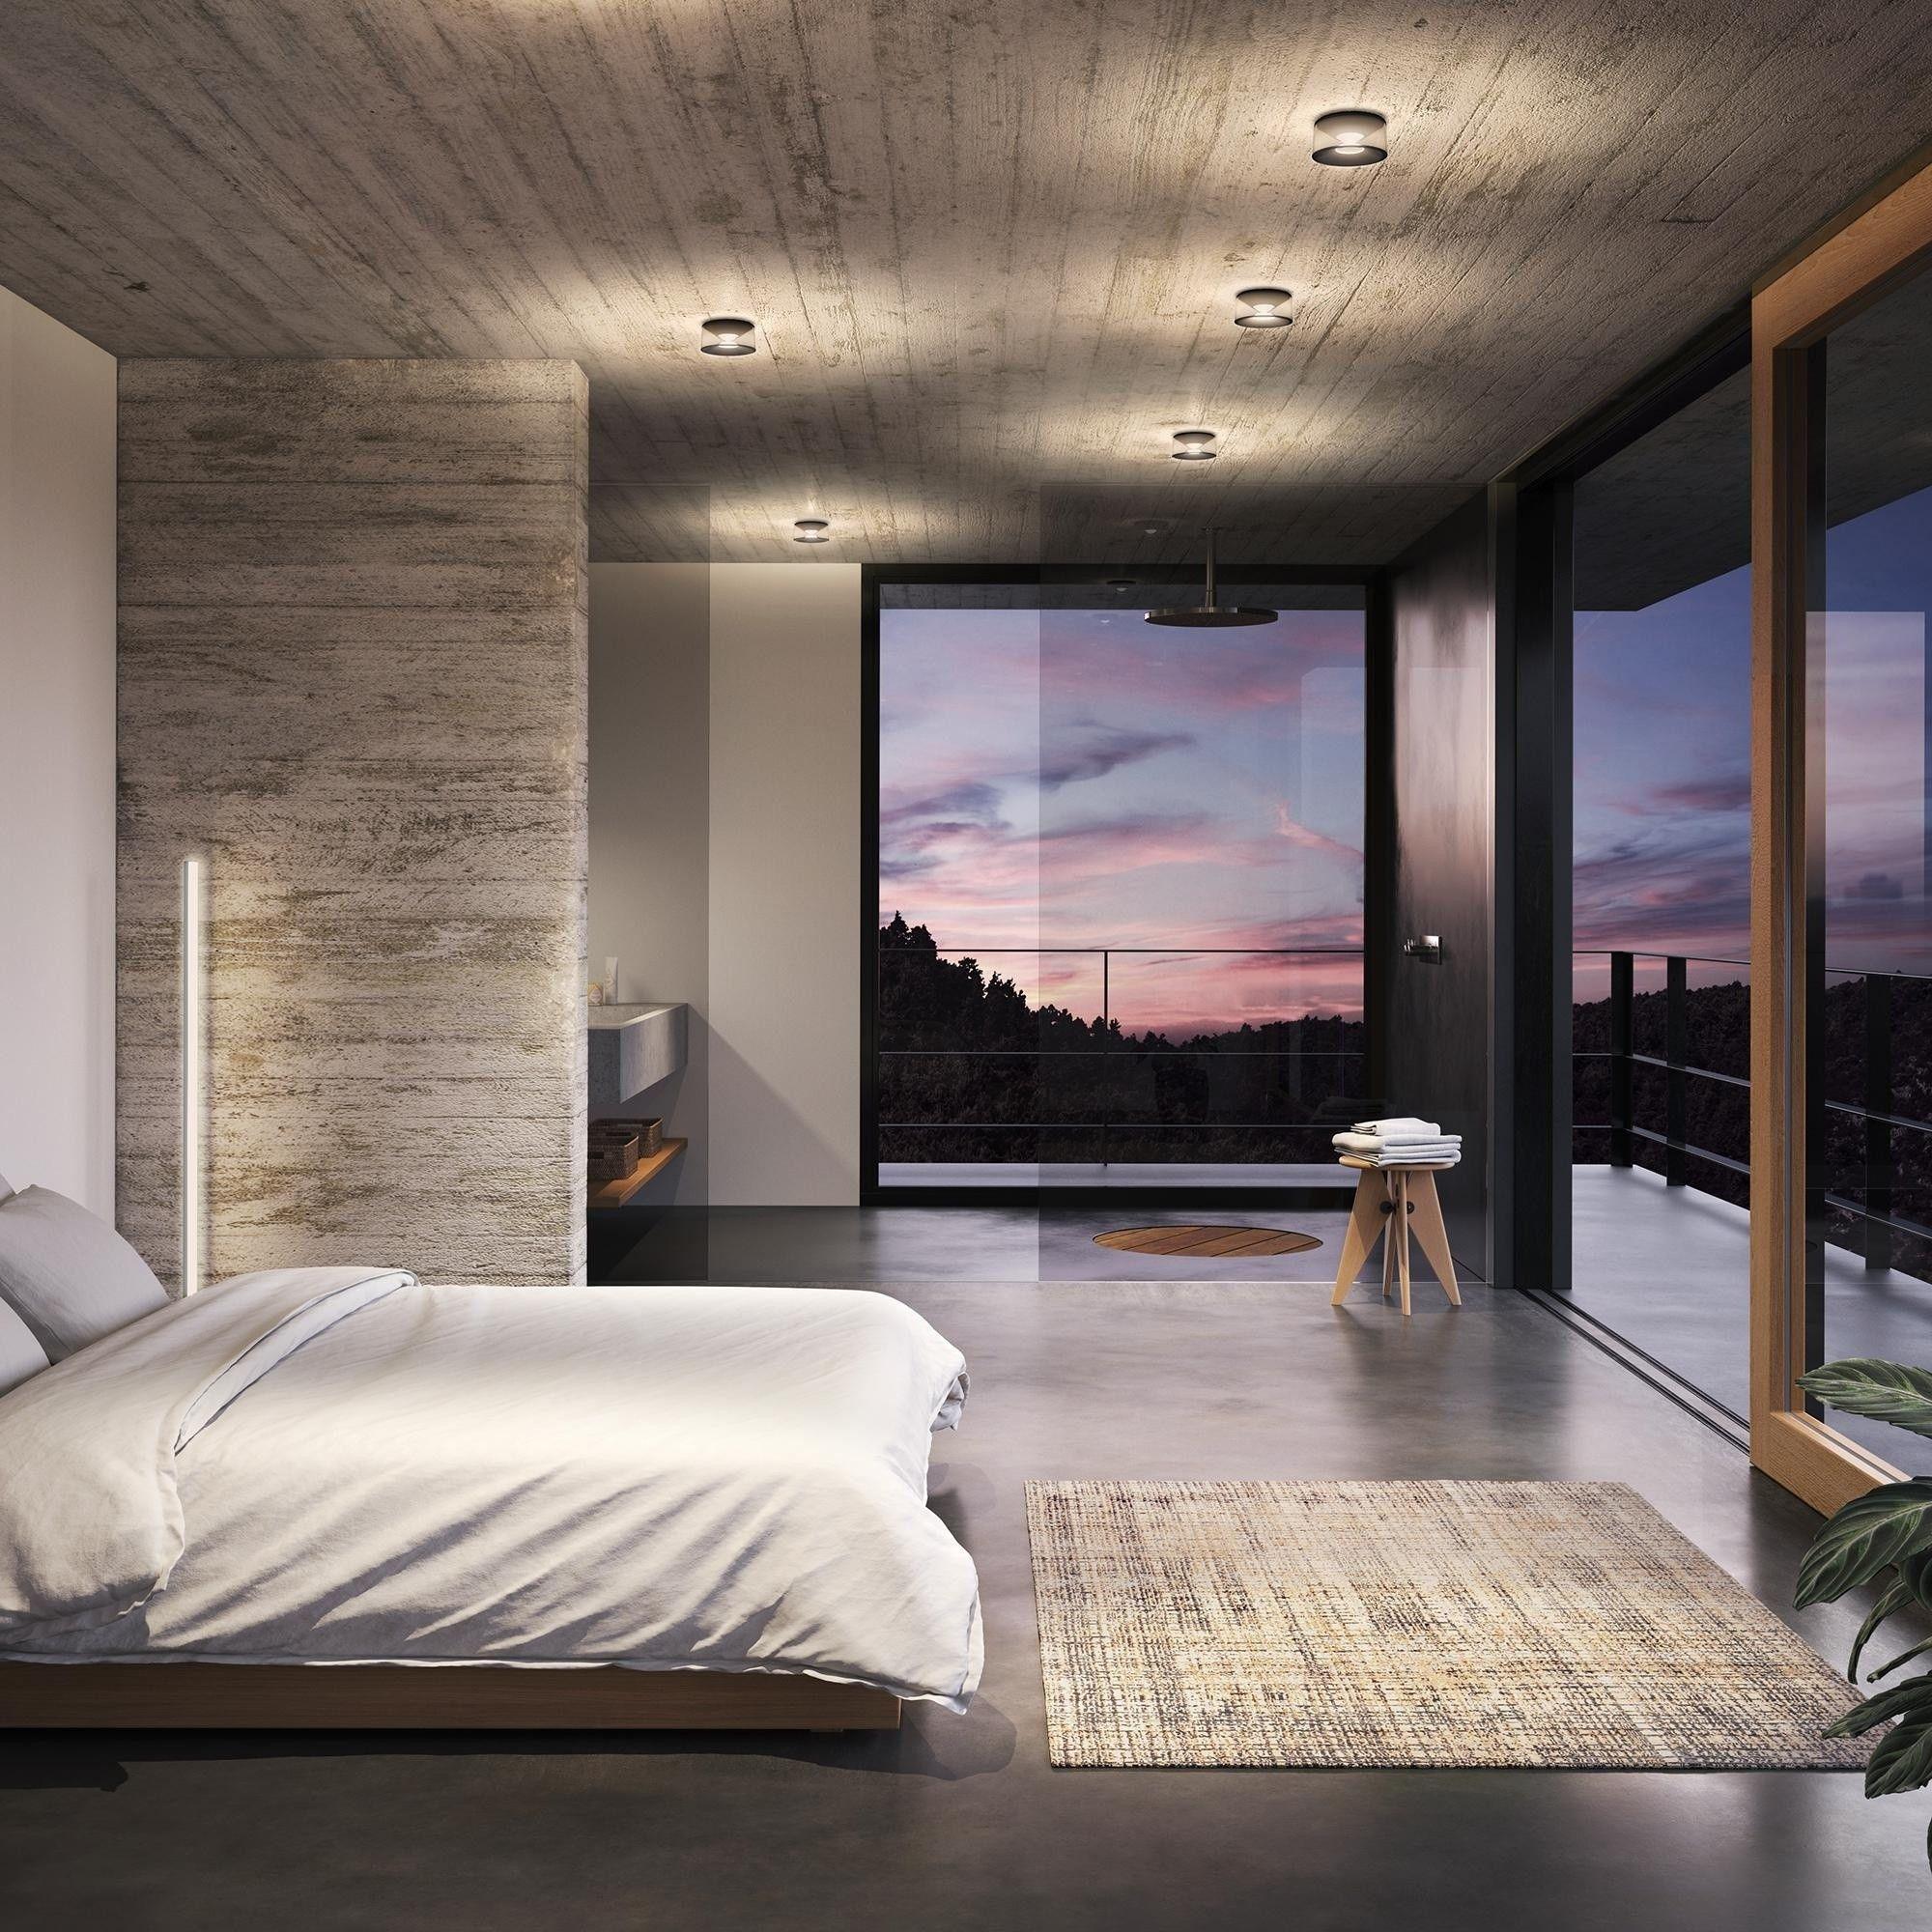 Ribag Vior Deckenleuchte Led Deckenleuchte Beleuchtung Schlafzimmer Beleuchtung